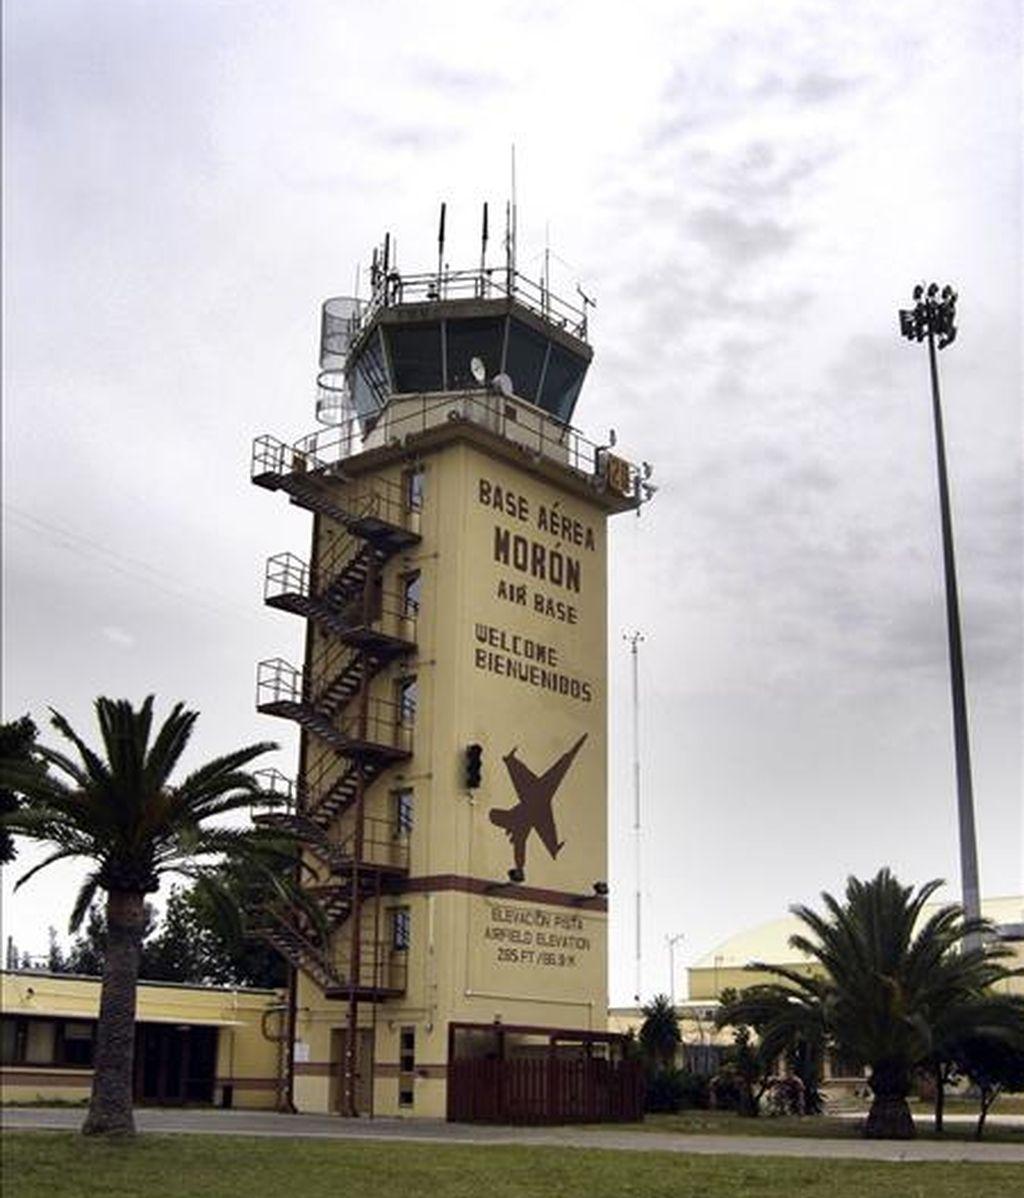 Torre de control de la base aérea de Morón de la Frontera, en Sevilla. Cuatro trabajadores han declarado hoy en la Audiencia Nacional en relación con las escalas en España de aviones de la CIA con terroristas detenidos. EFE/Archivo